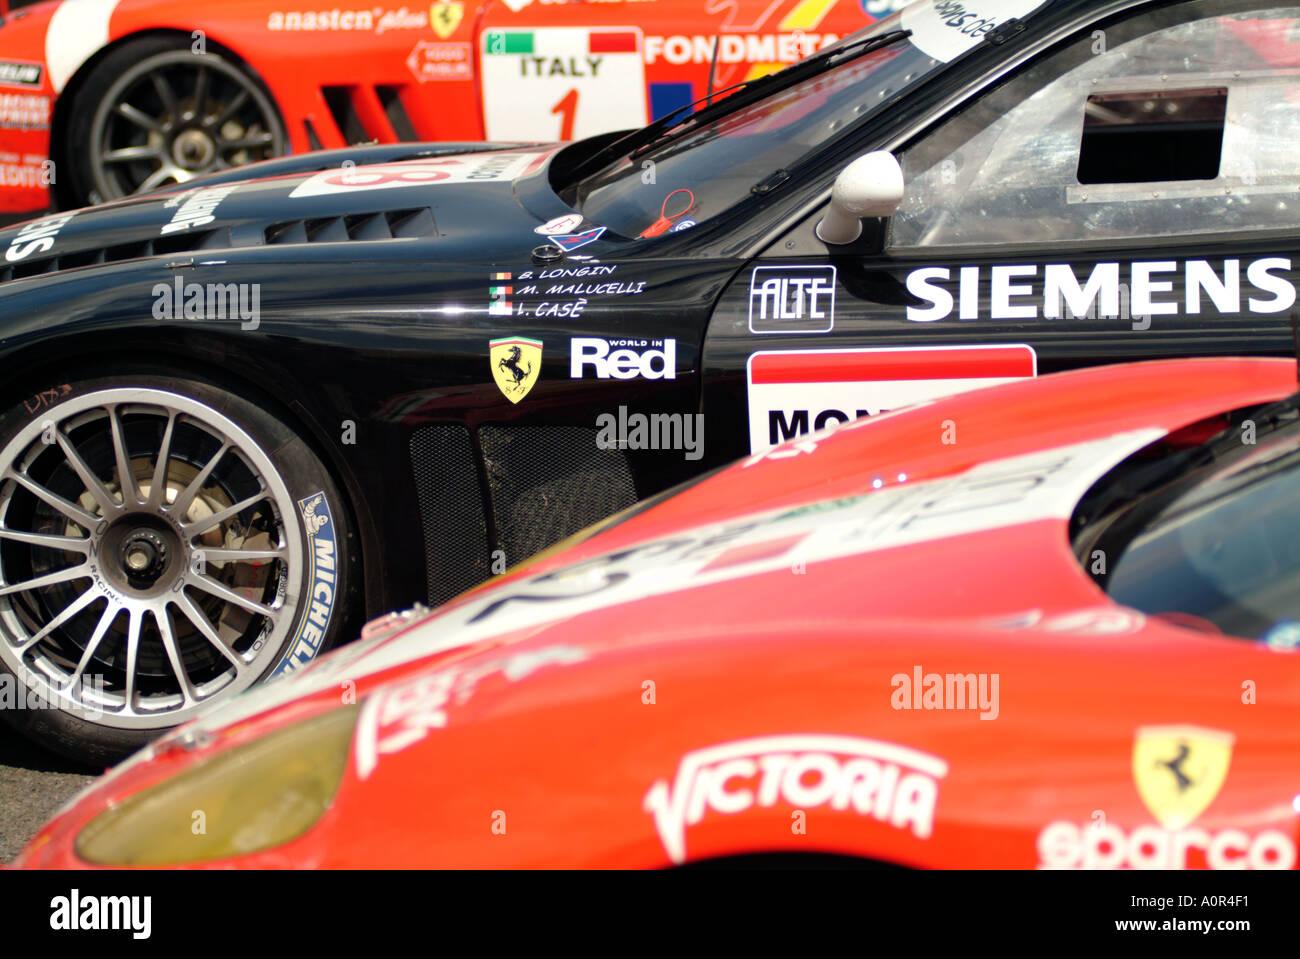 Publicité sponsor ferrari racing slick pneu roue de voiture de course automobile sport automobile gagner risque de perdre de la vitesse rapide cheval cabré de puissance Photo Stock